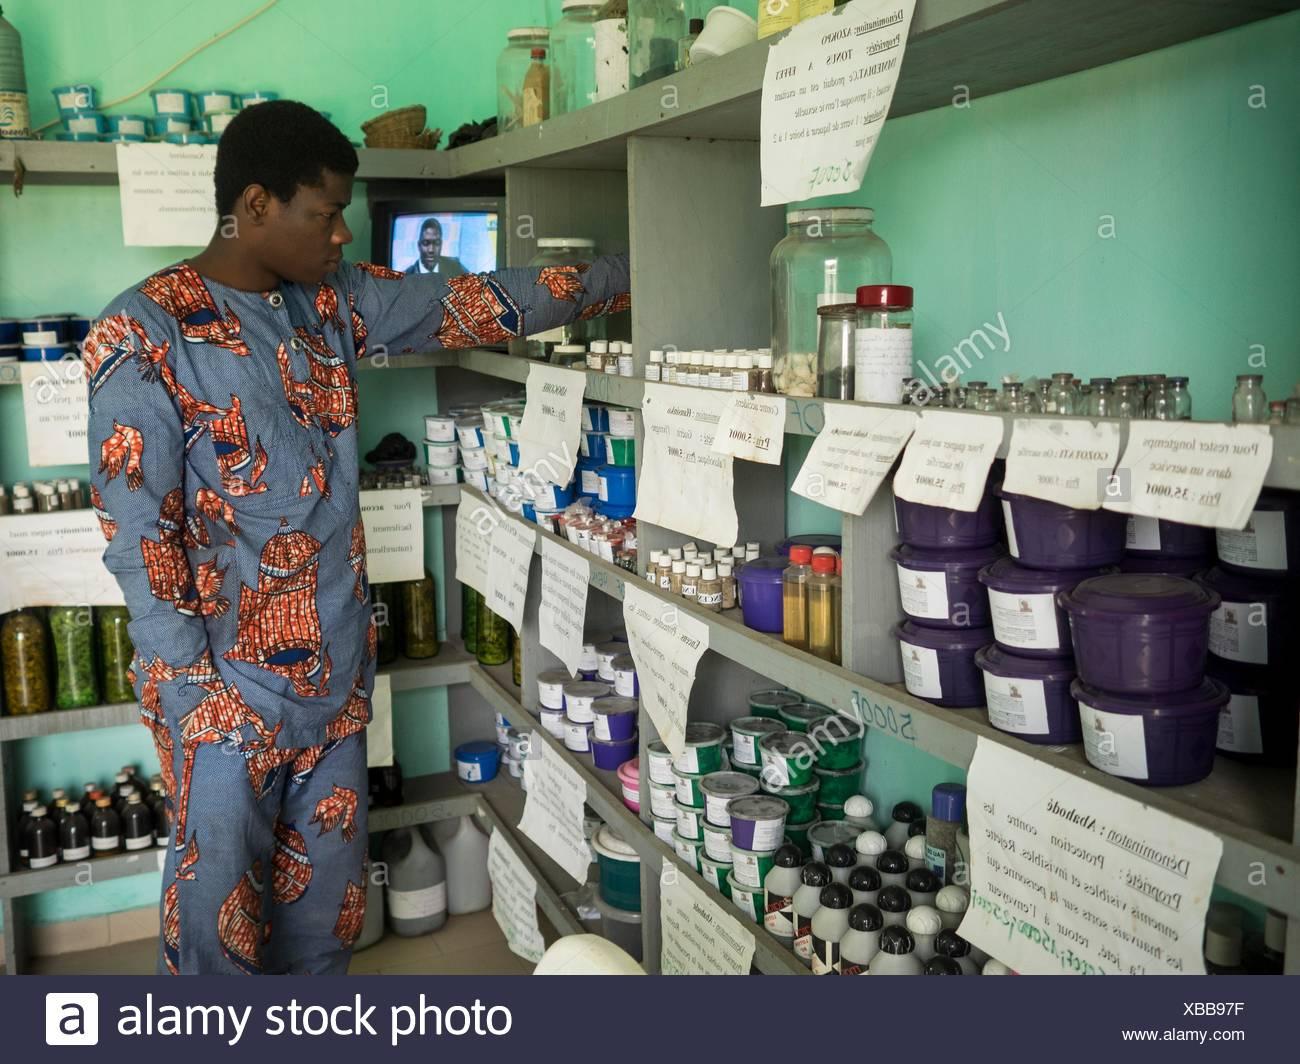 Ein Mann untersucht Flaschen traditioneller Arzneimittel verschrieben für eine Vielzahl von Beschwerden, wie zum Beispiel Stress, Infektion, als Erinnerungshilfen und Exorzismus. Stockbild